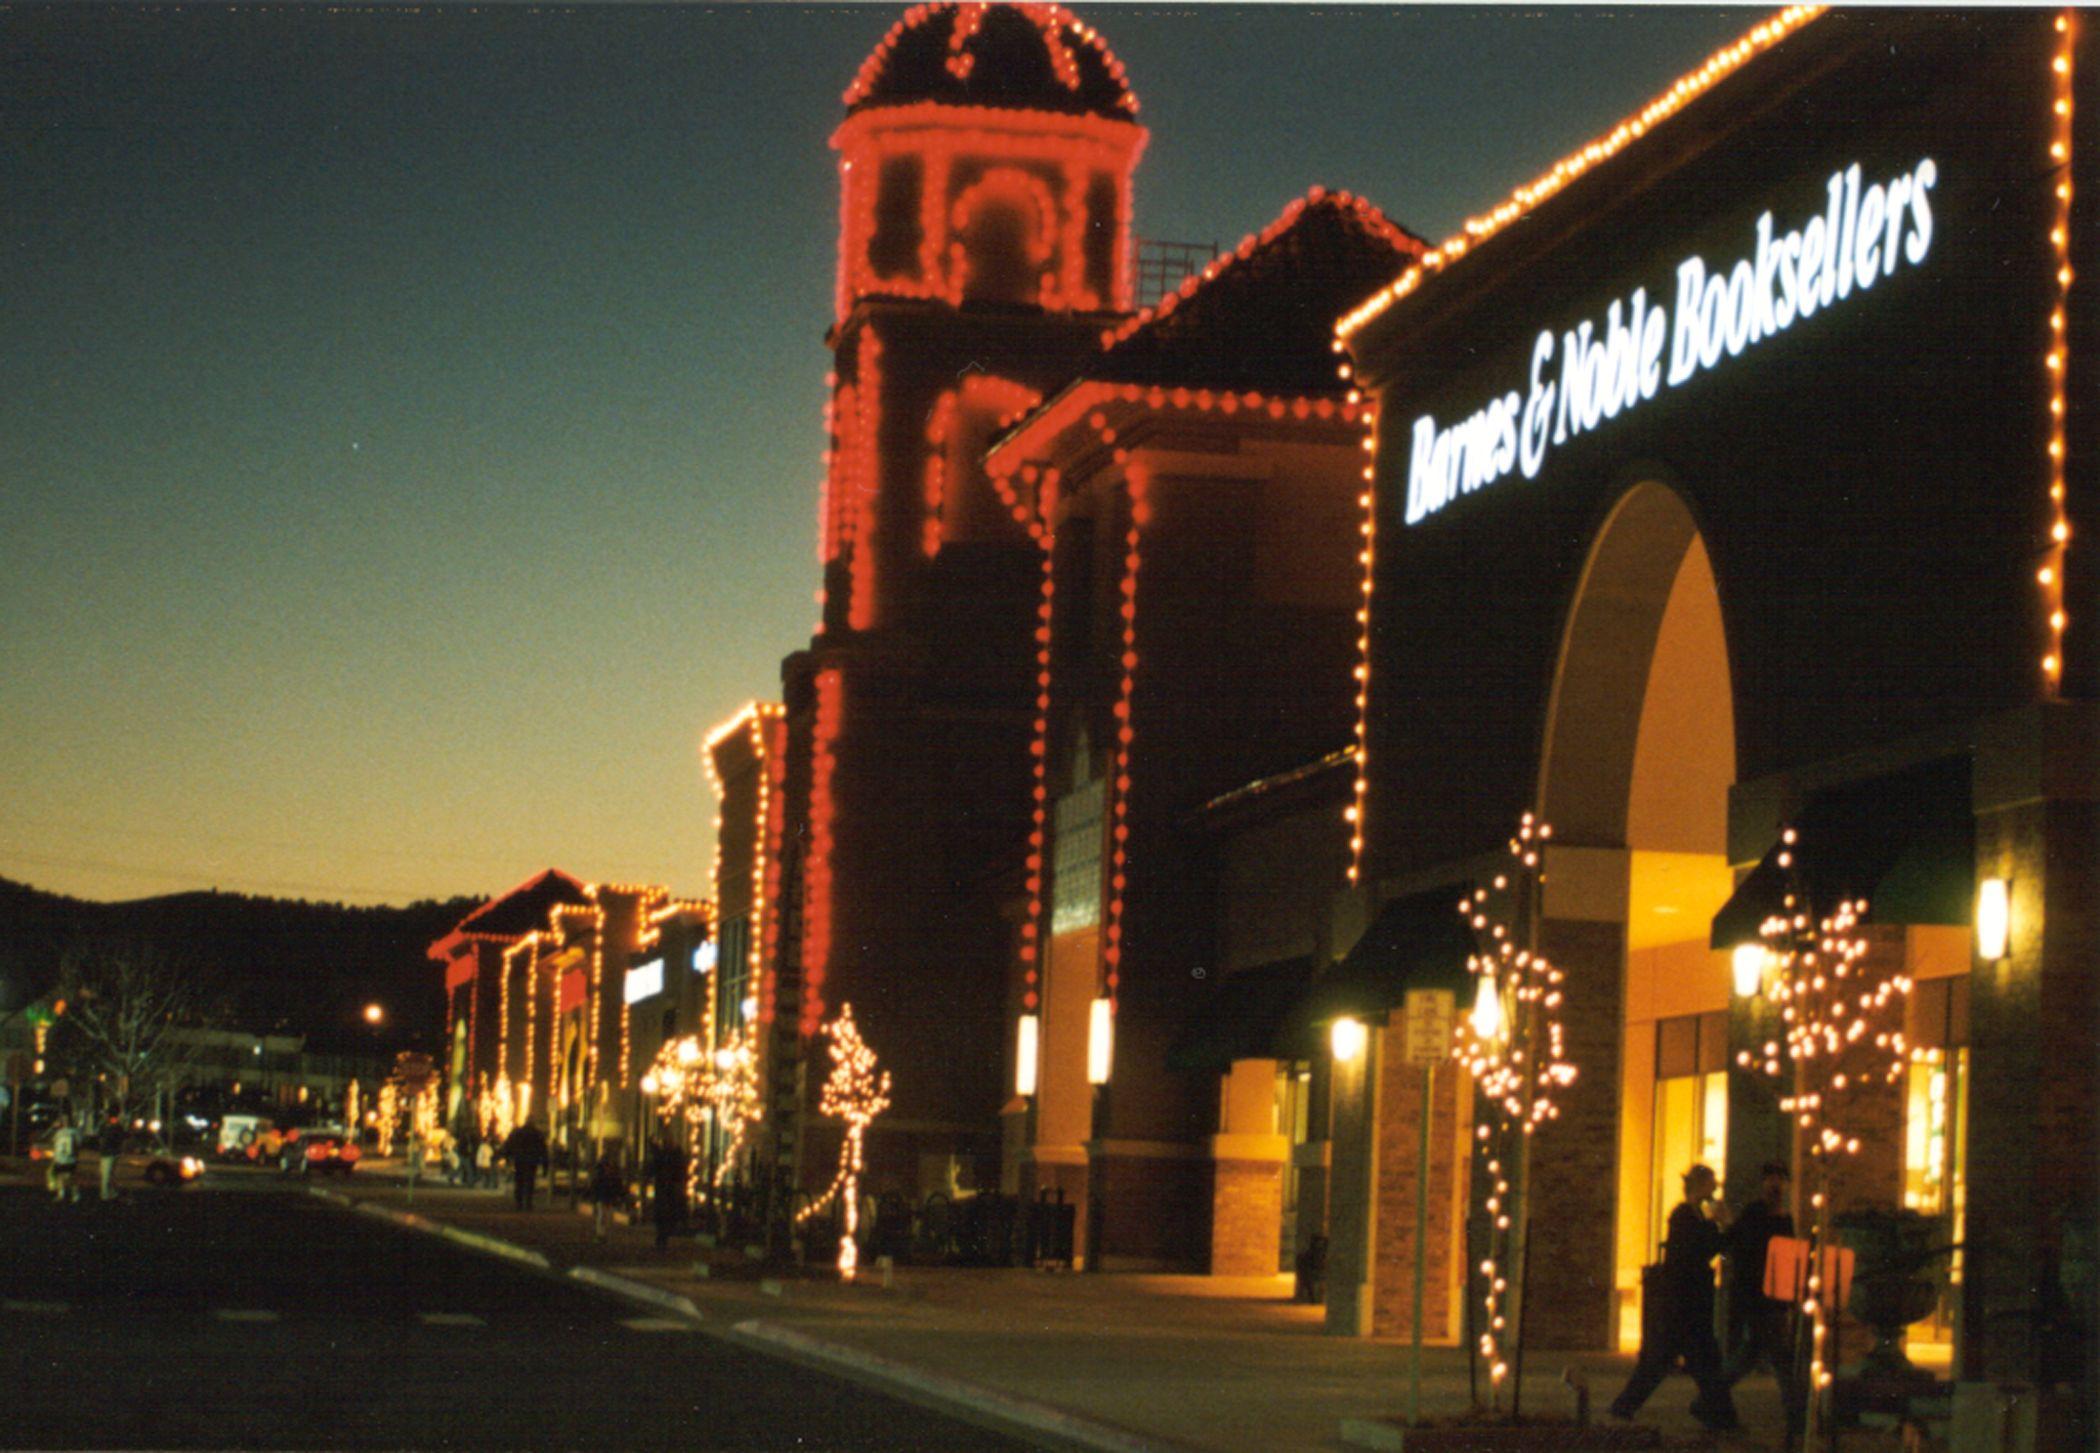 Colorado Mills in Lakewood